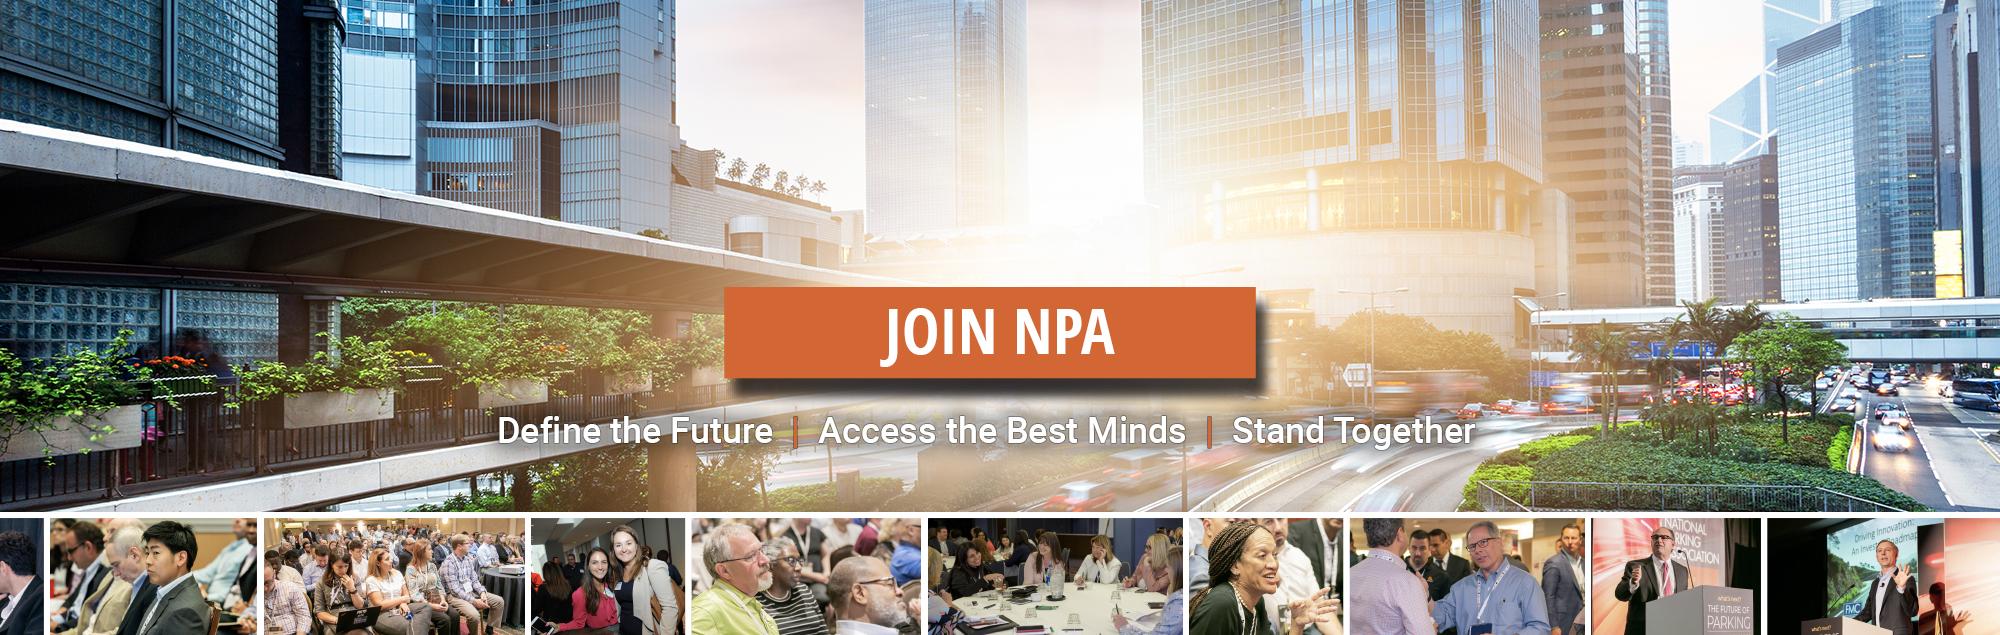 Join NPA